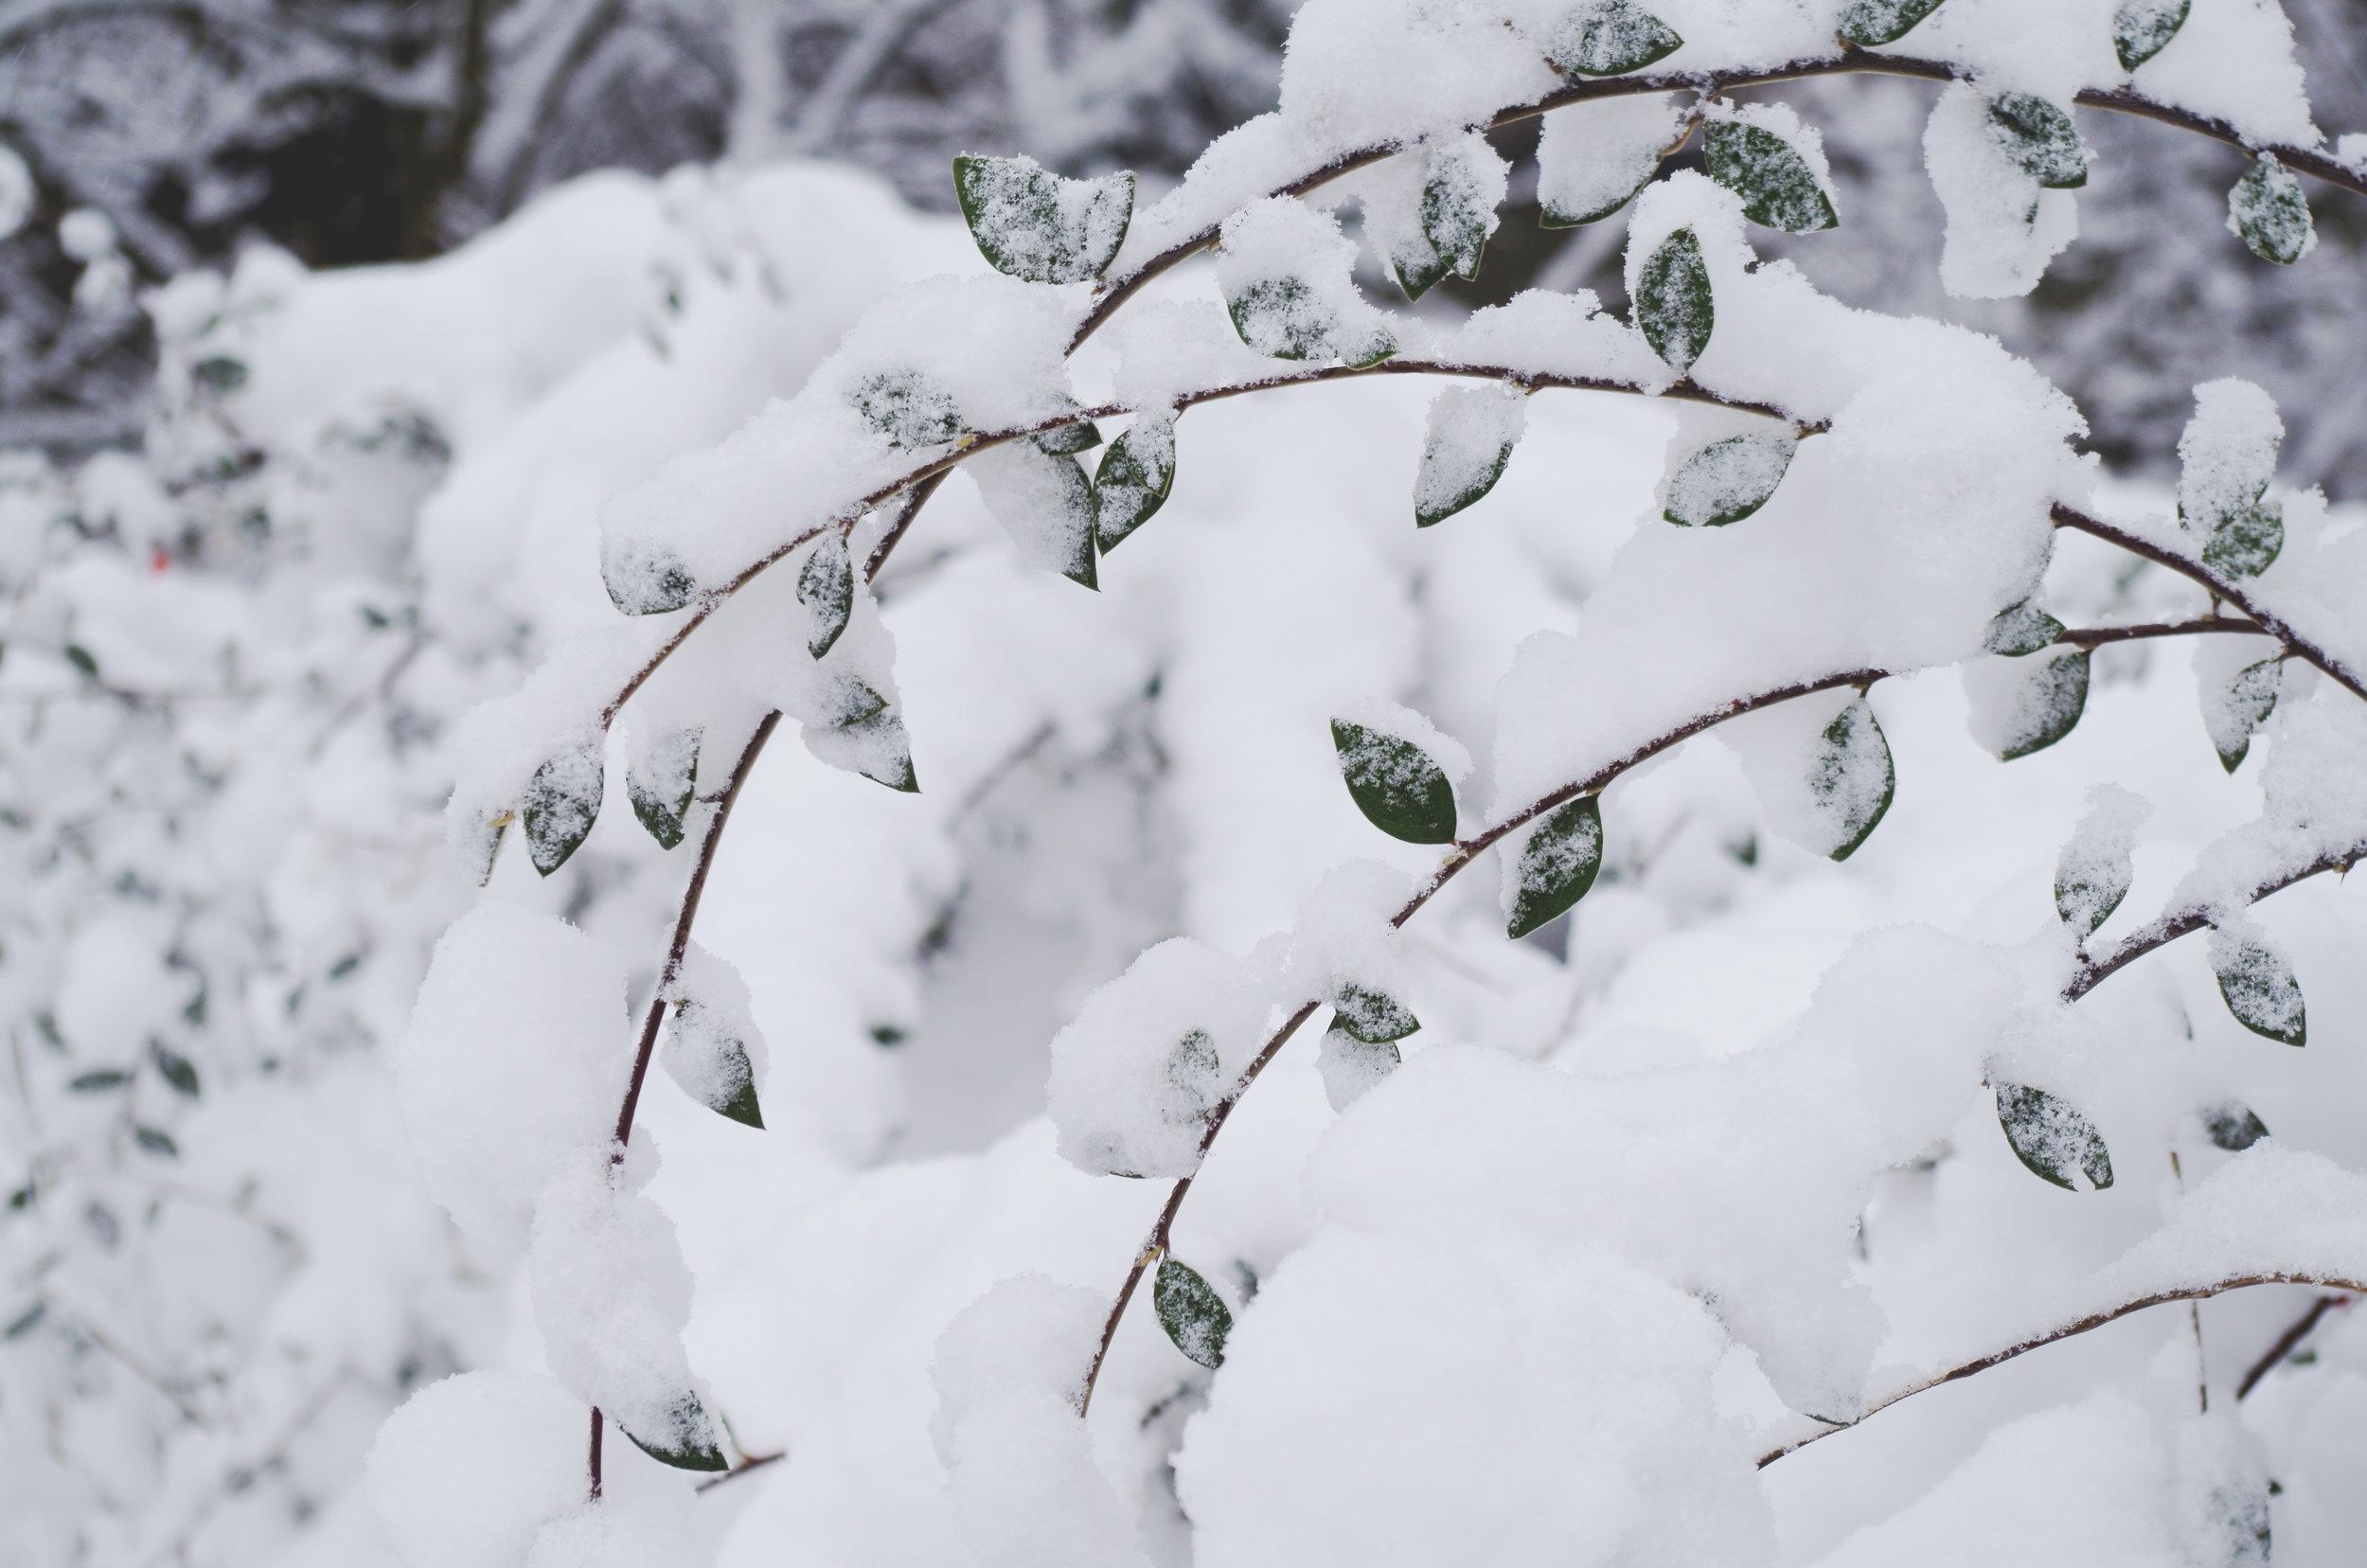 winterwonderland_janinabourosu17.jpg